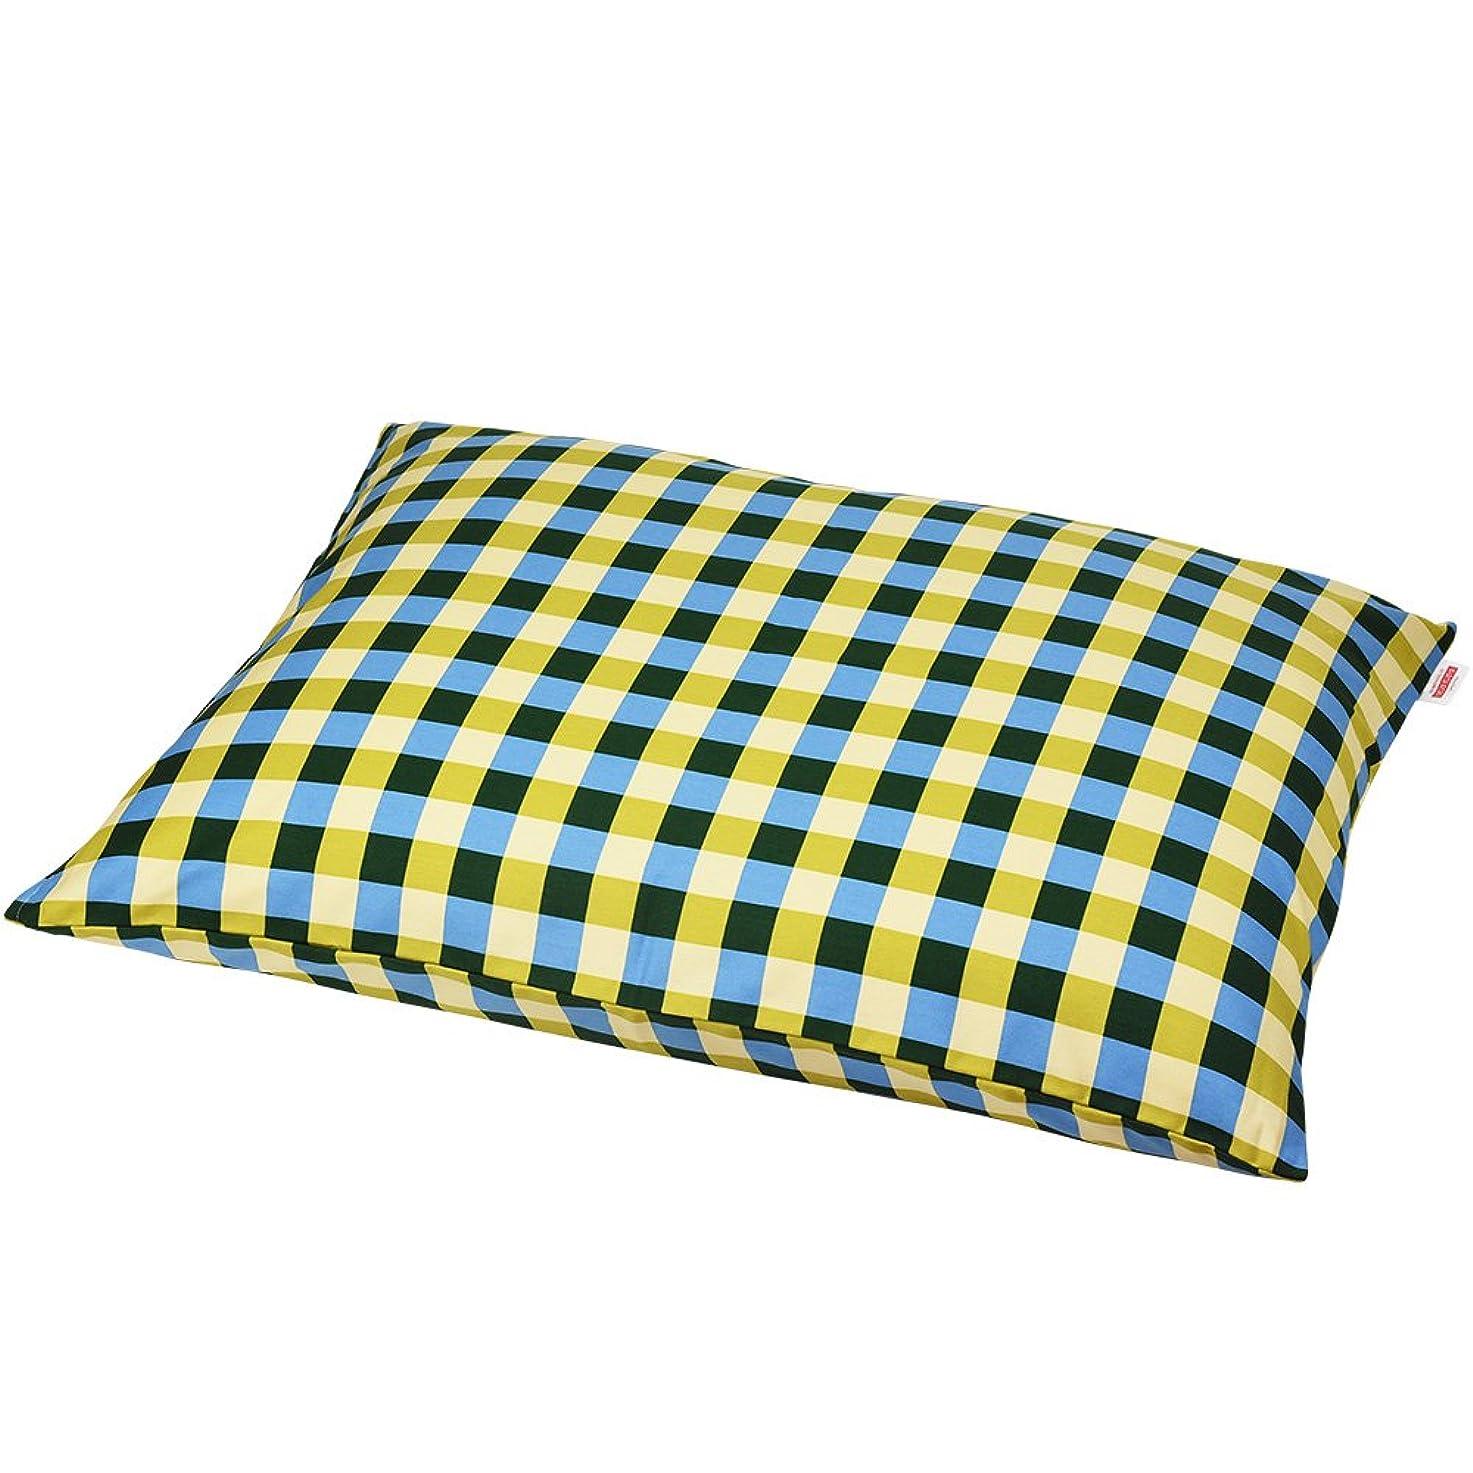 特にまぶしさ修理可能枕カバー 60×80cmの枕用 チェック綿100% ファスナー式 ステッチ仕上げ 日本製 枕 綿 ブルー